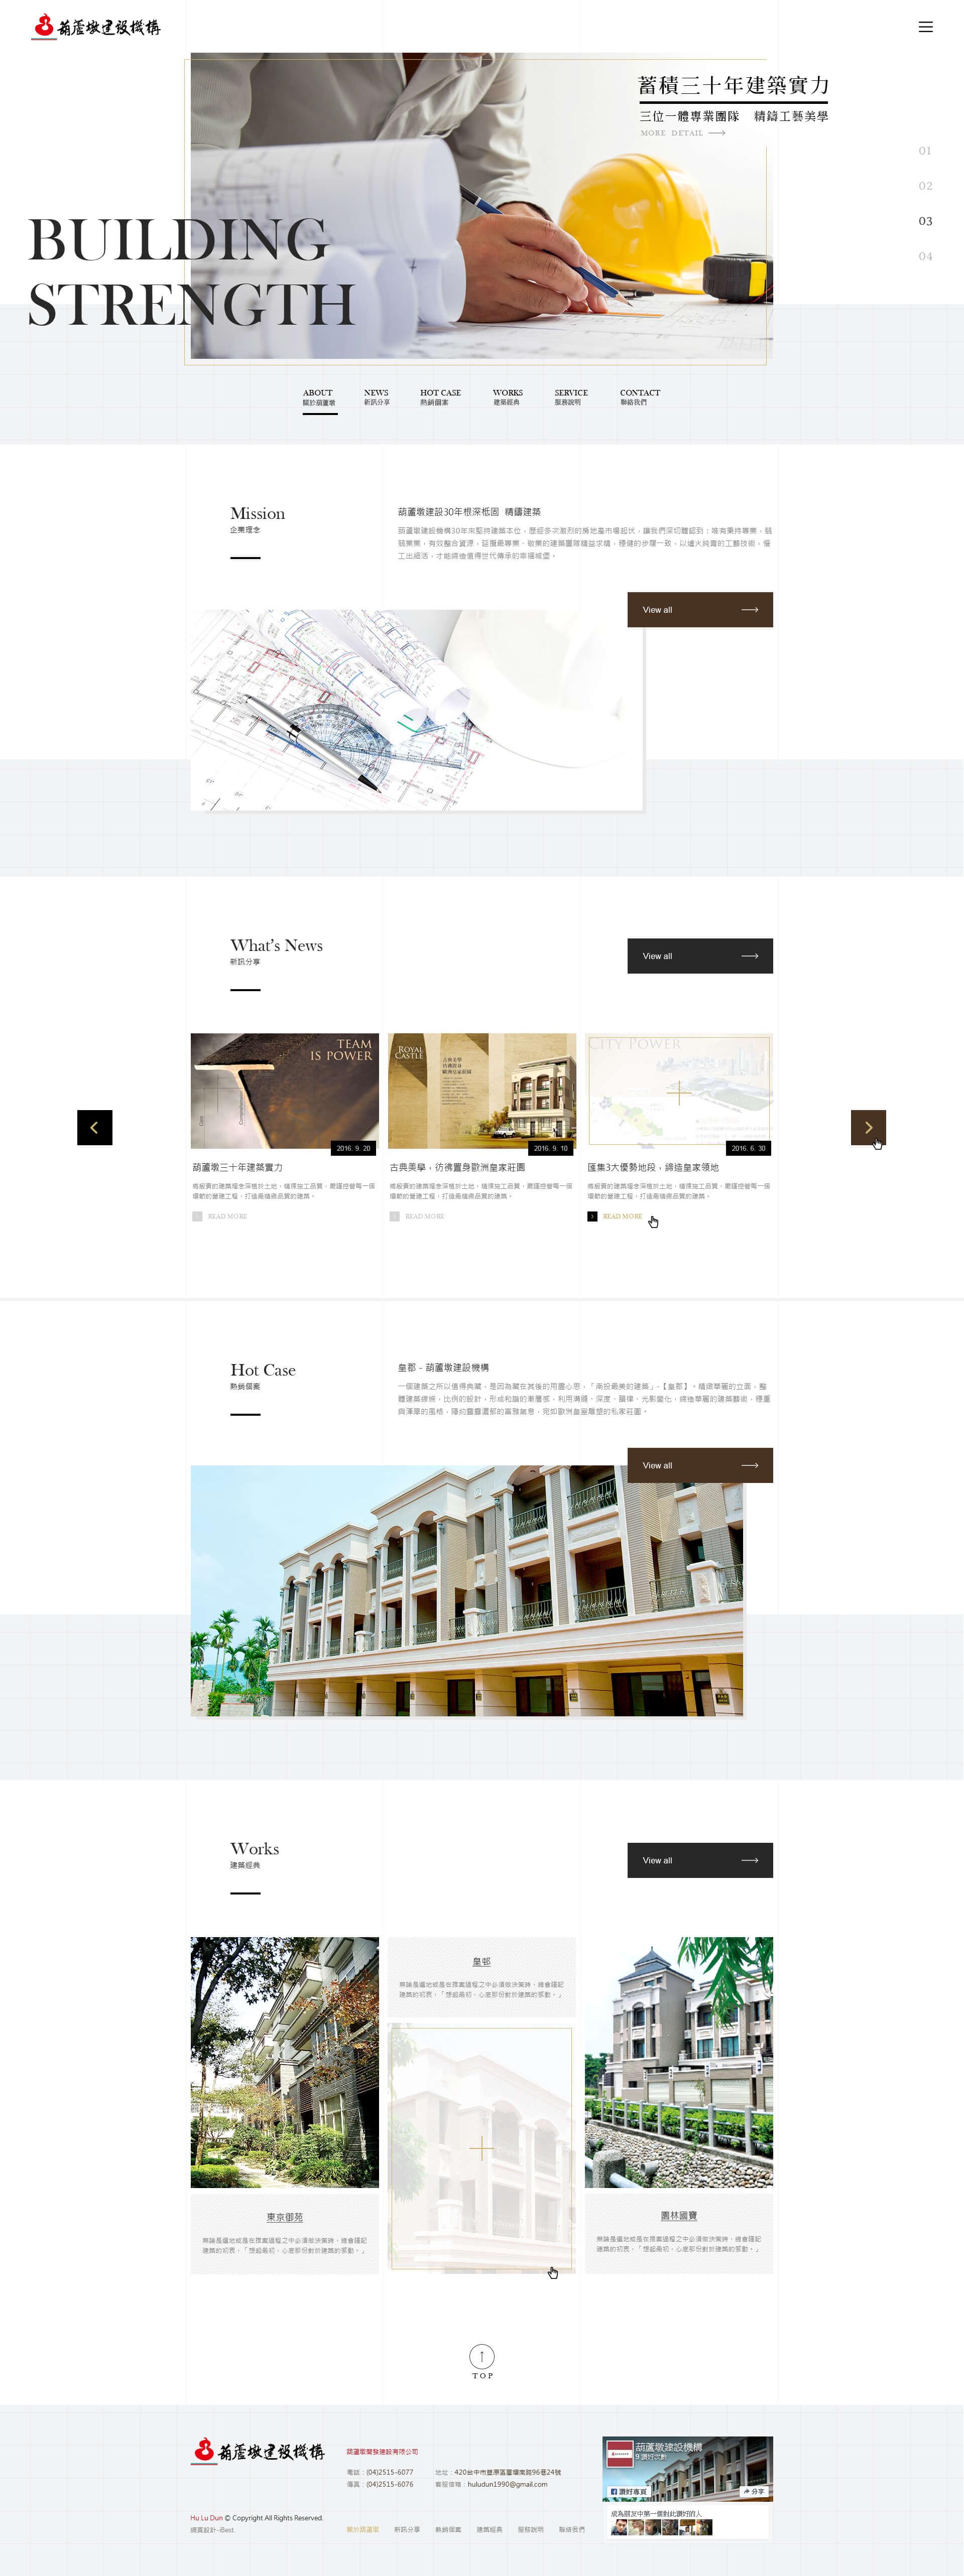 葫蘆墩建設機構-網頁設計